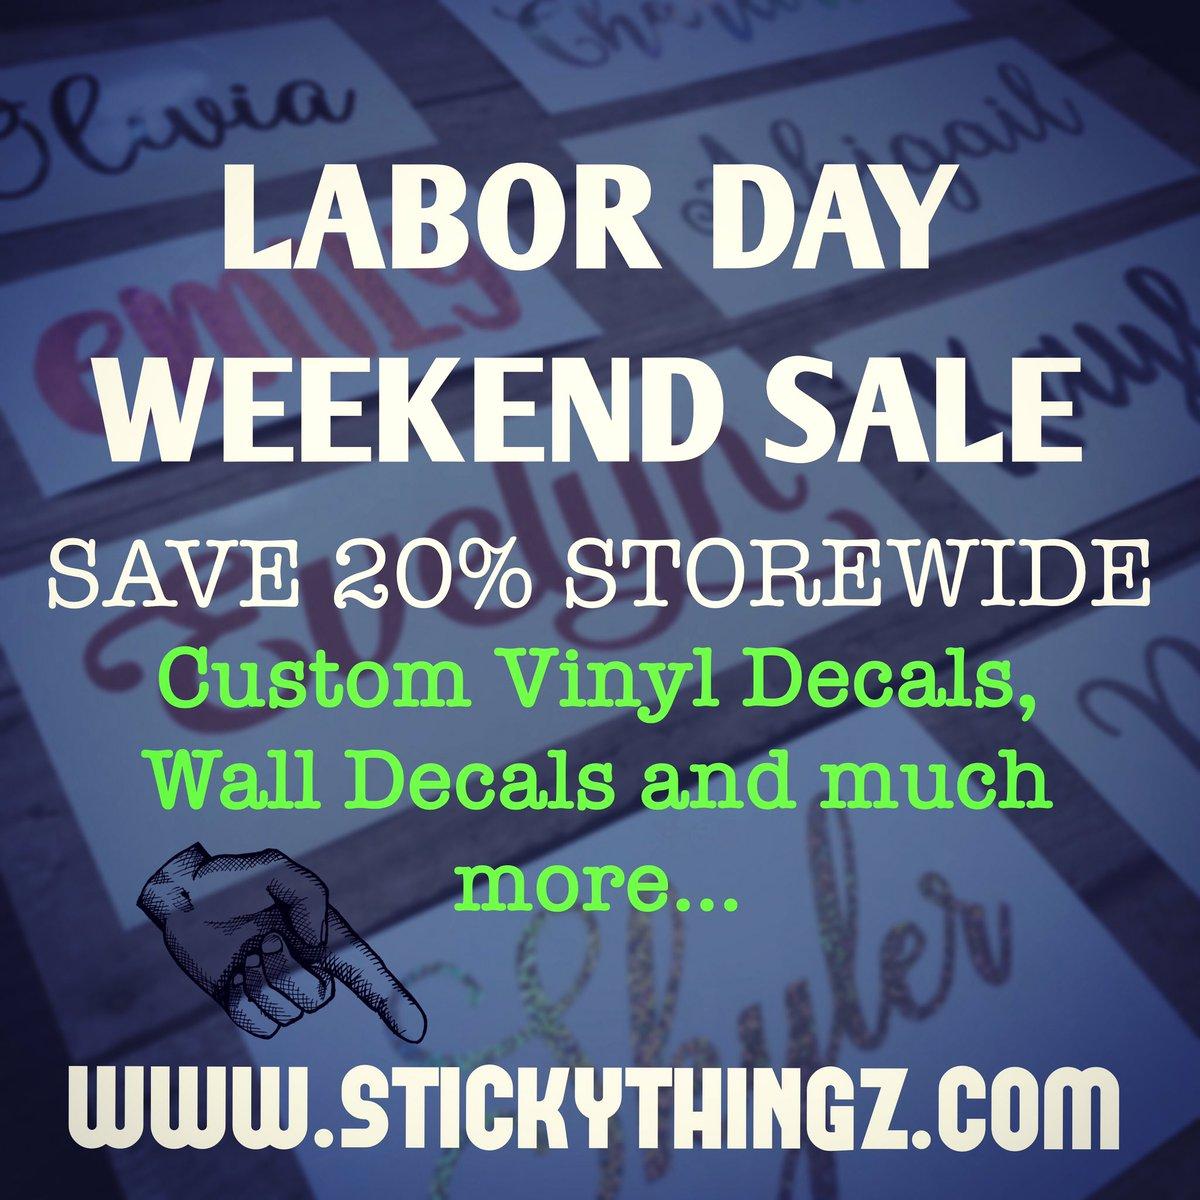 Sticky Thingz Decals StickyThingz Twitter - Custom vinyl decals etsy